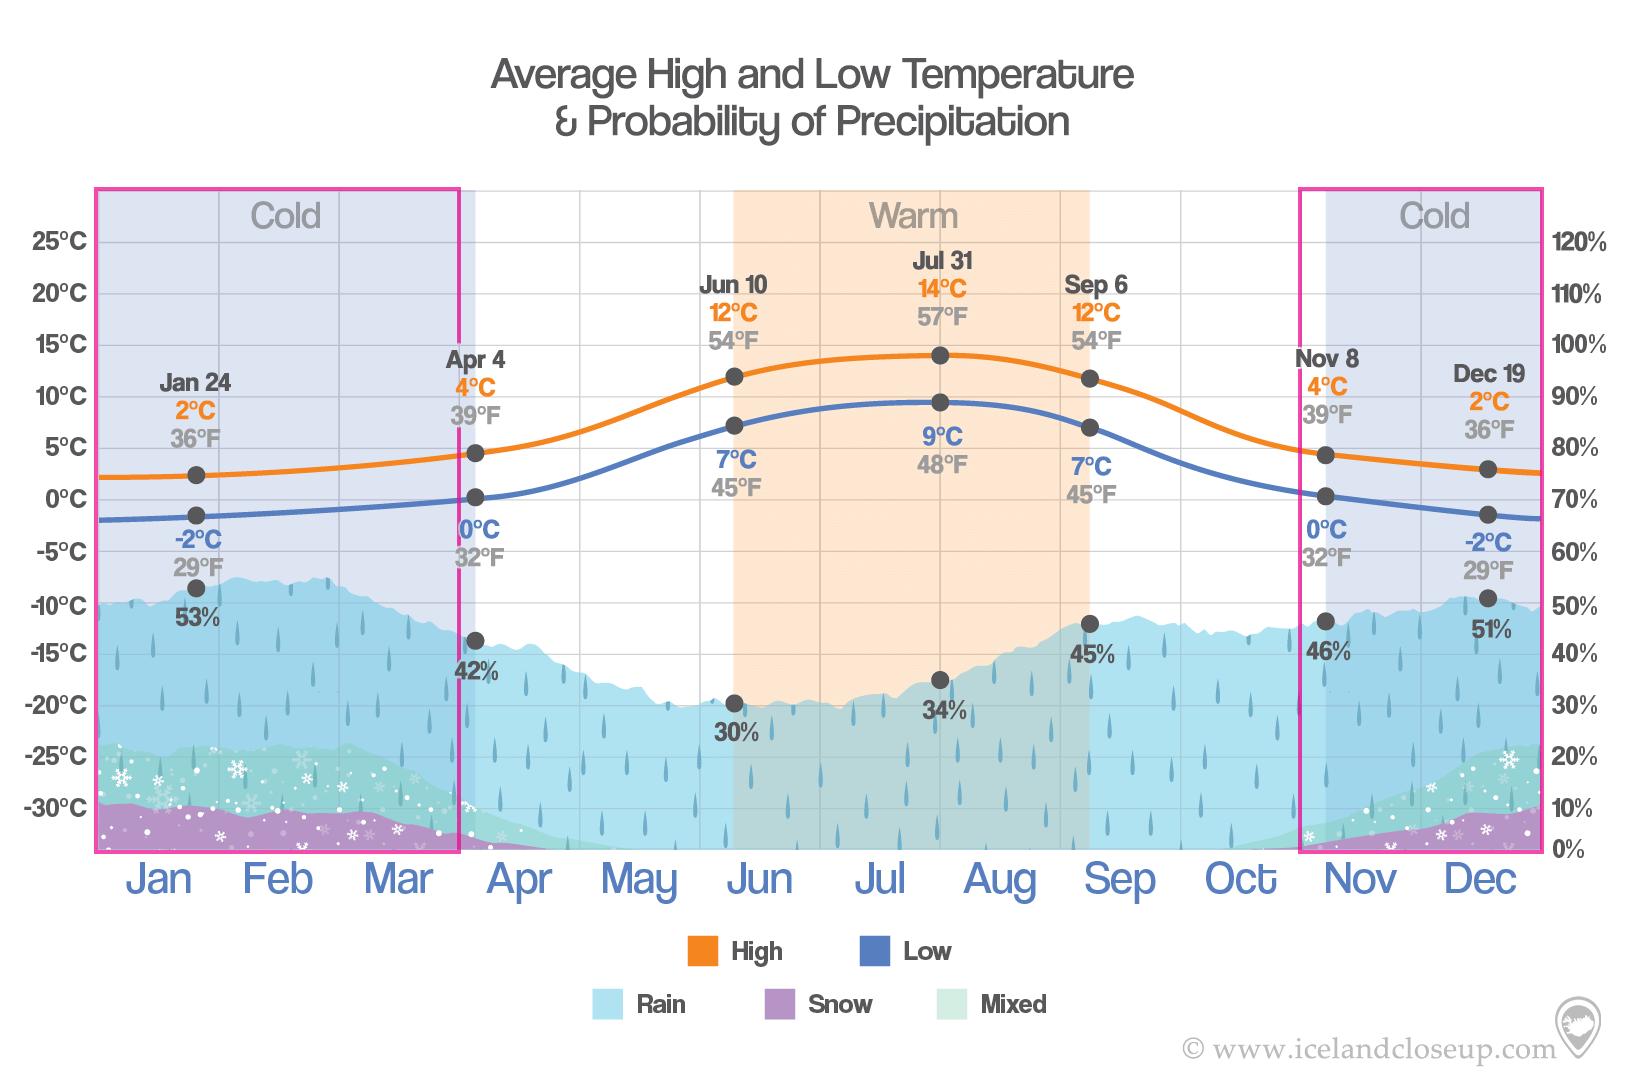 Iceland Temperature and precipition in Winter